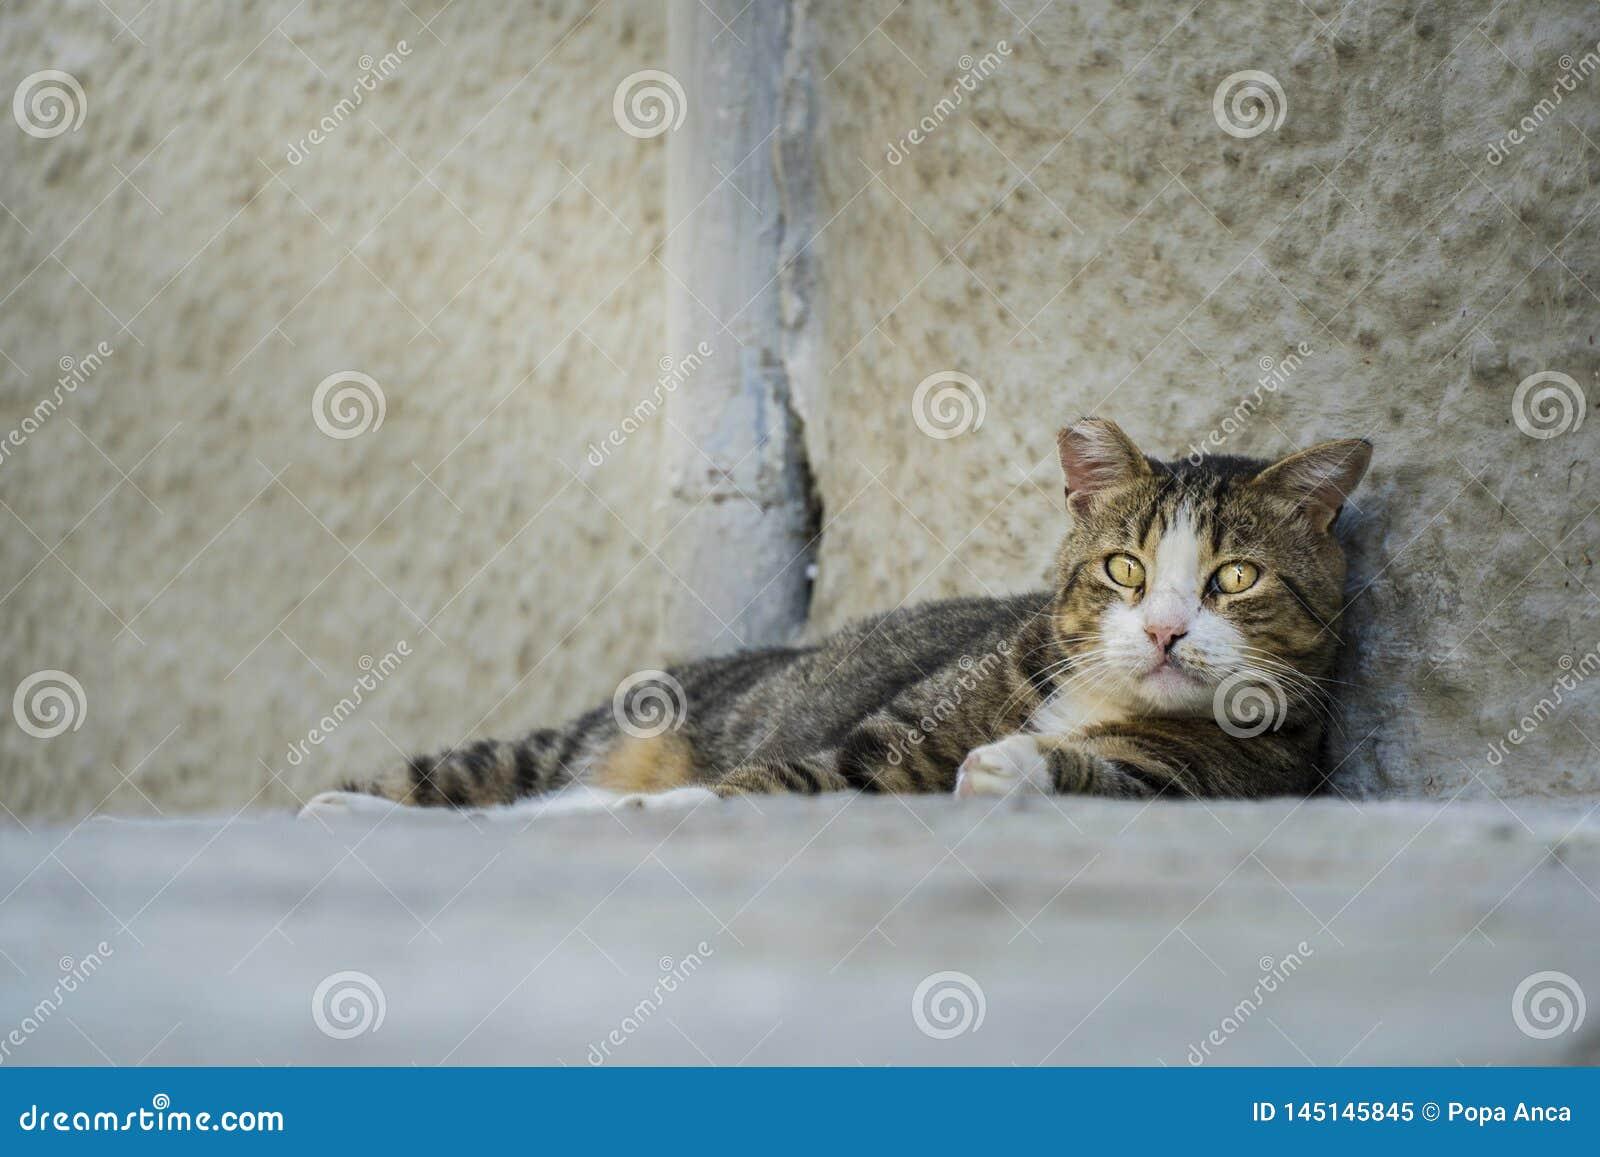 Кот получившийся отказ взрослым случайный выглядя грустный на камере